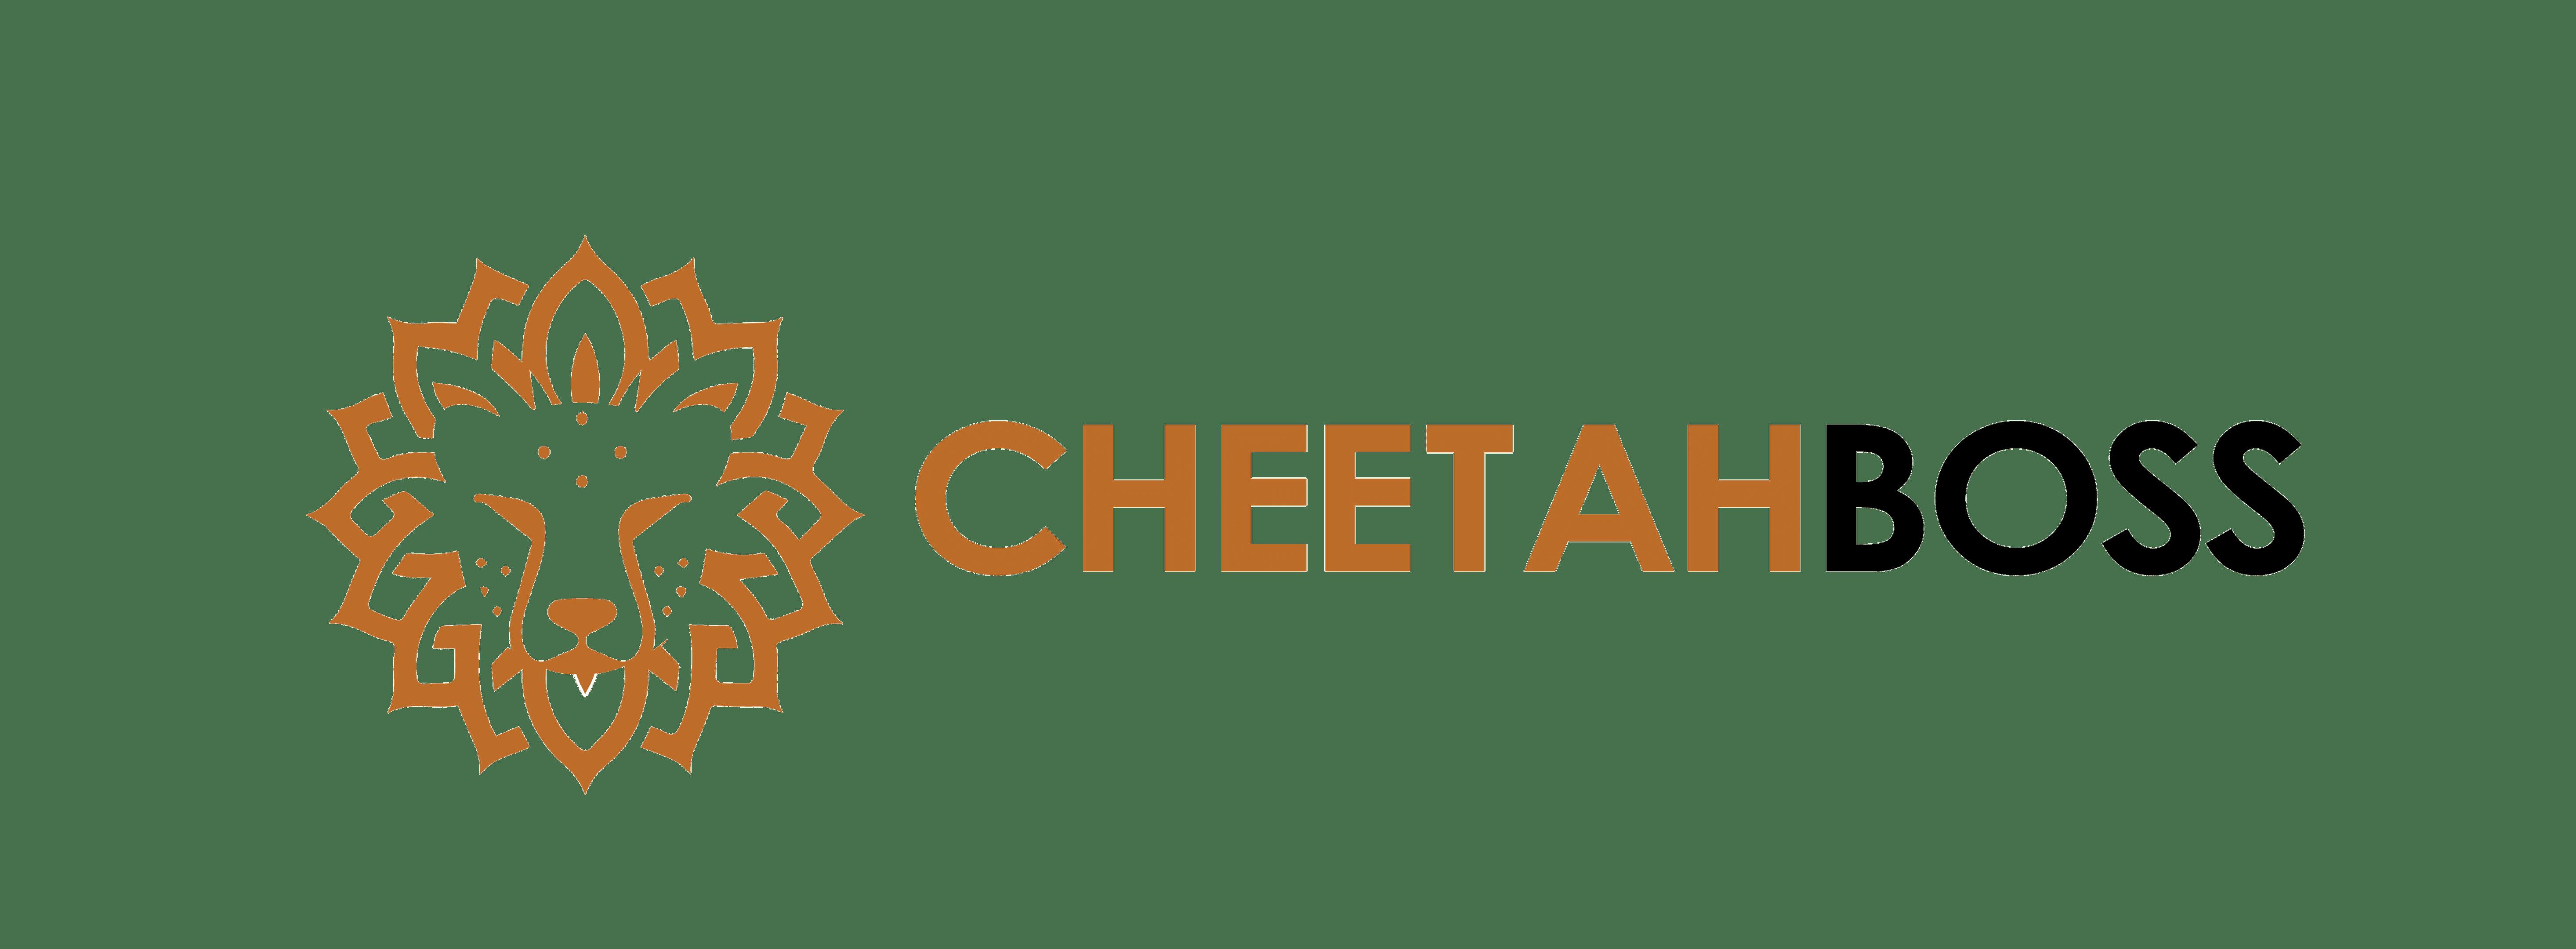 Cheetahboss Store